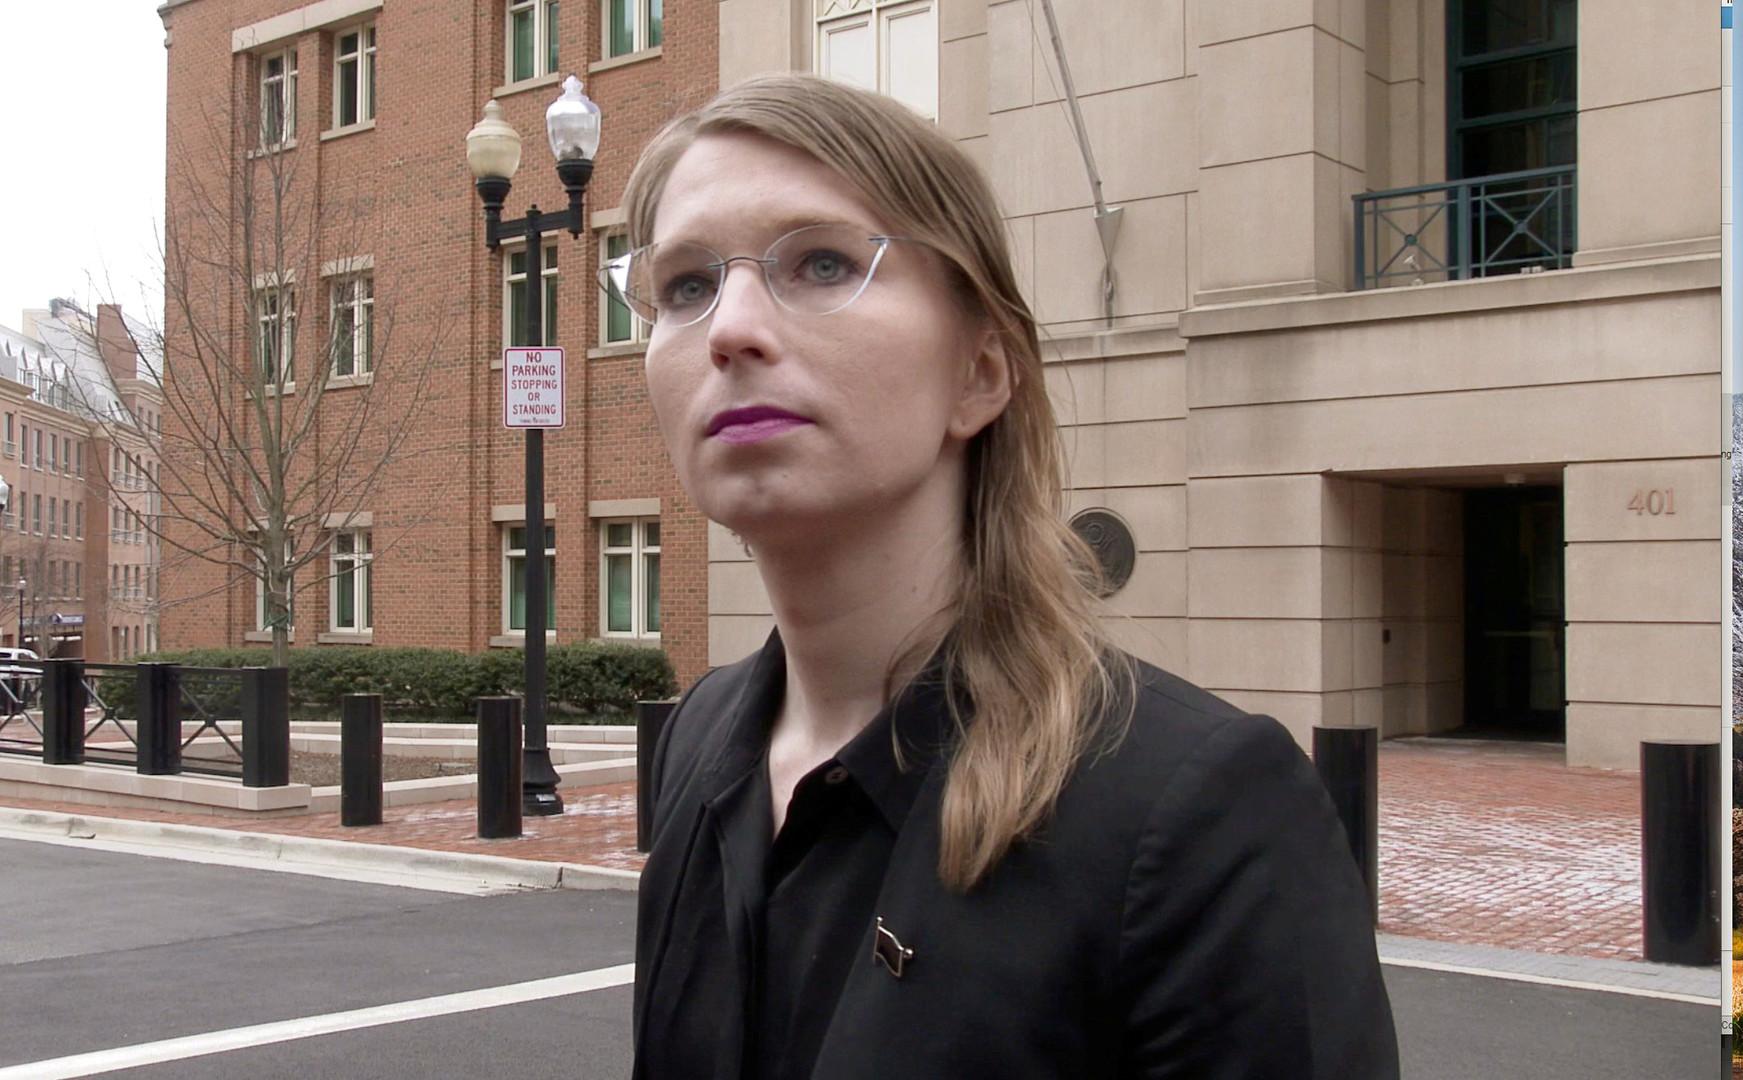 الإفراج عن المحللة المتحولة جنسيا في قضية رفض الإدلاء بشهادة حول